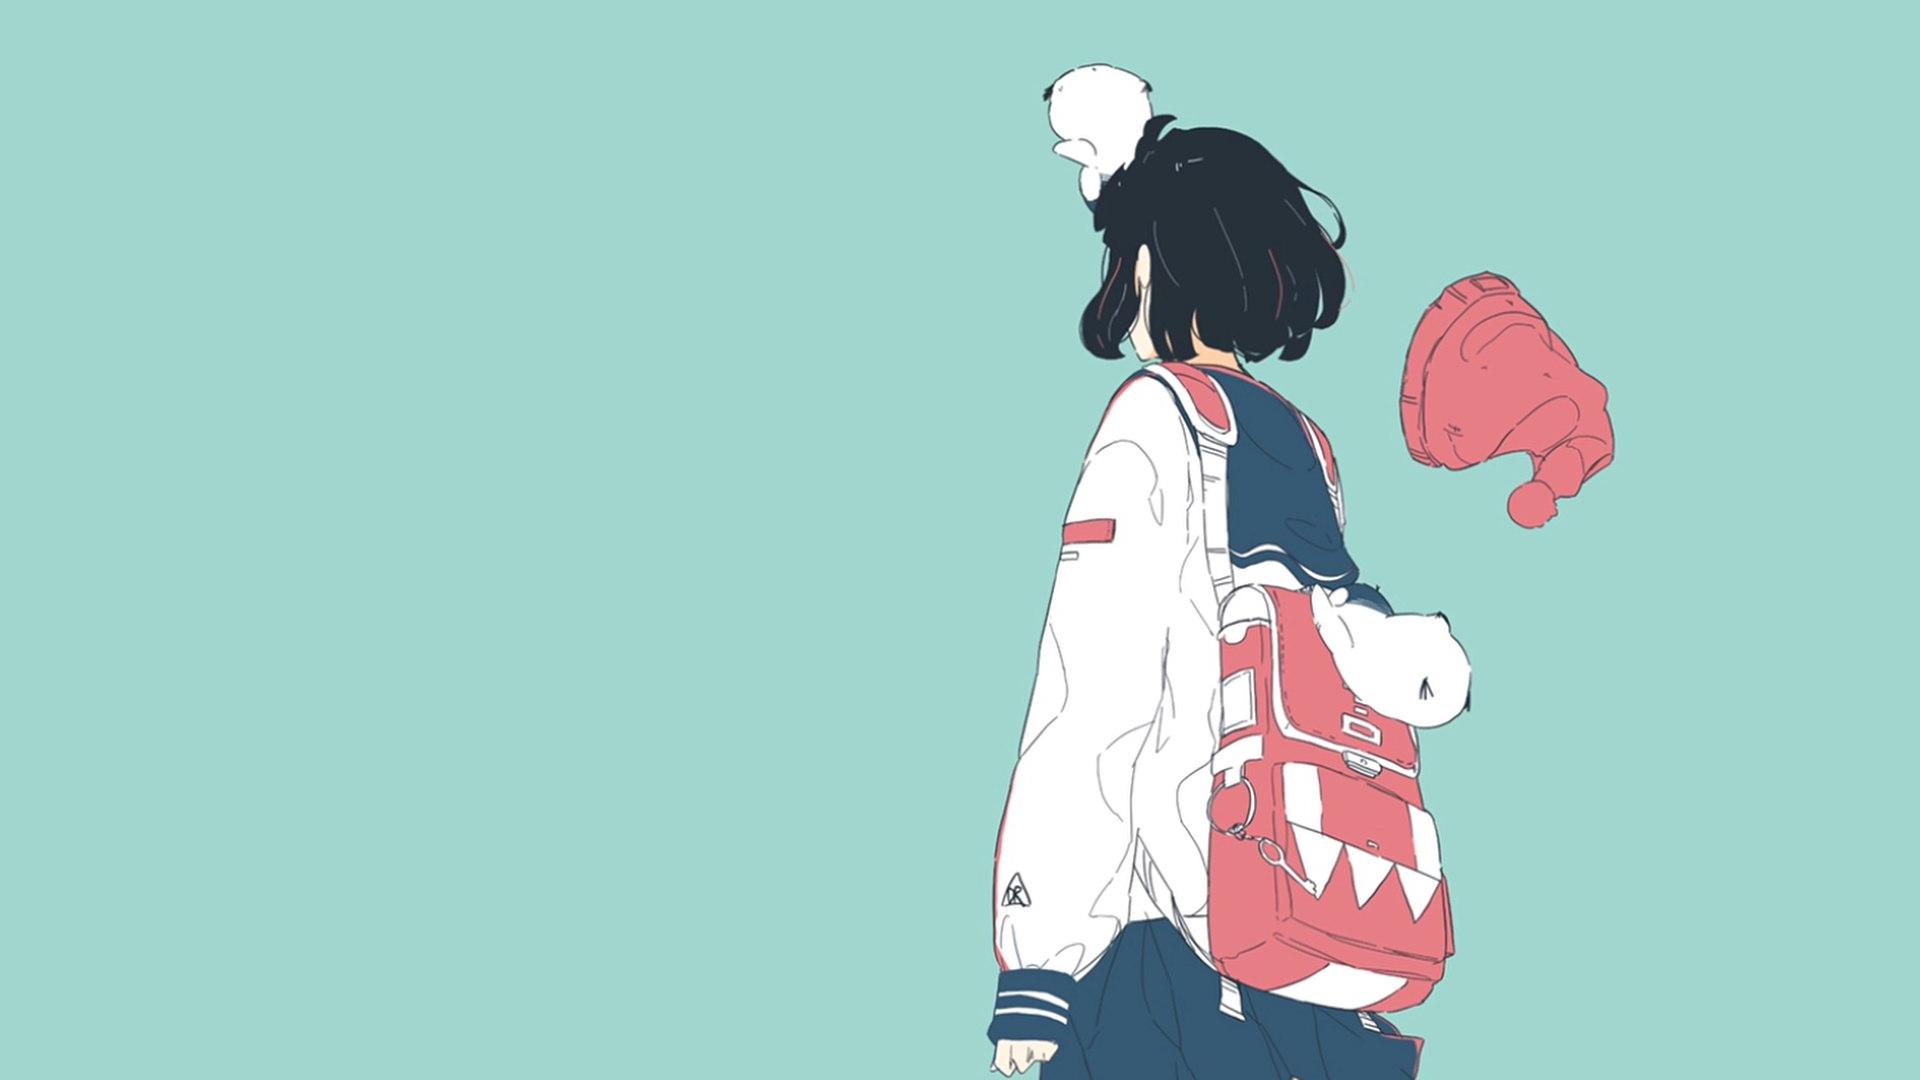 动漫1920x1080动漫漫画动漫女孩绿松石绿松石背景简单背景水手制服 Wallpaper, Anime art